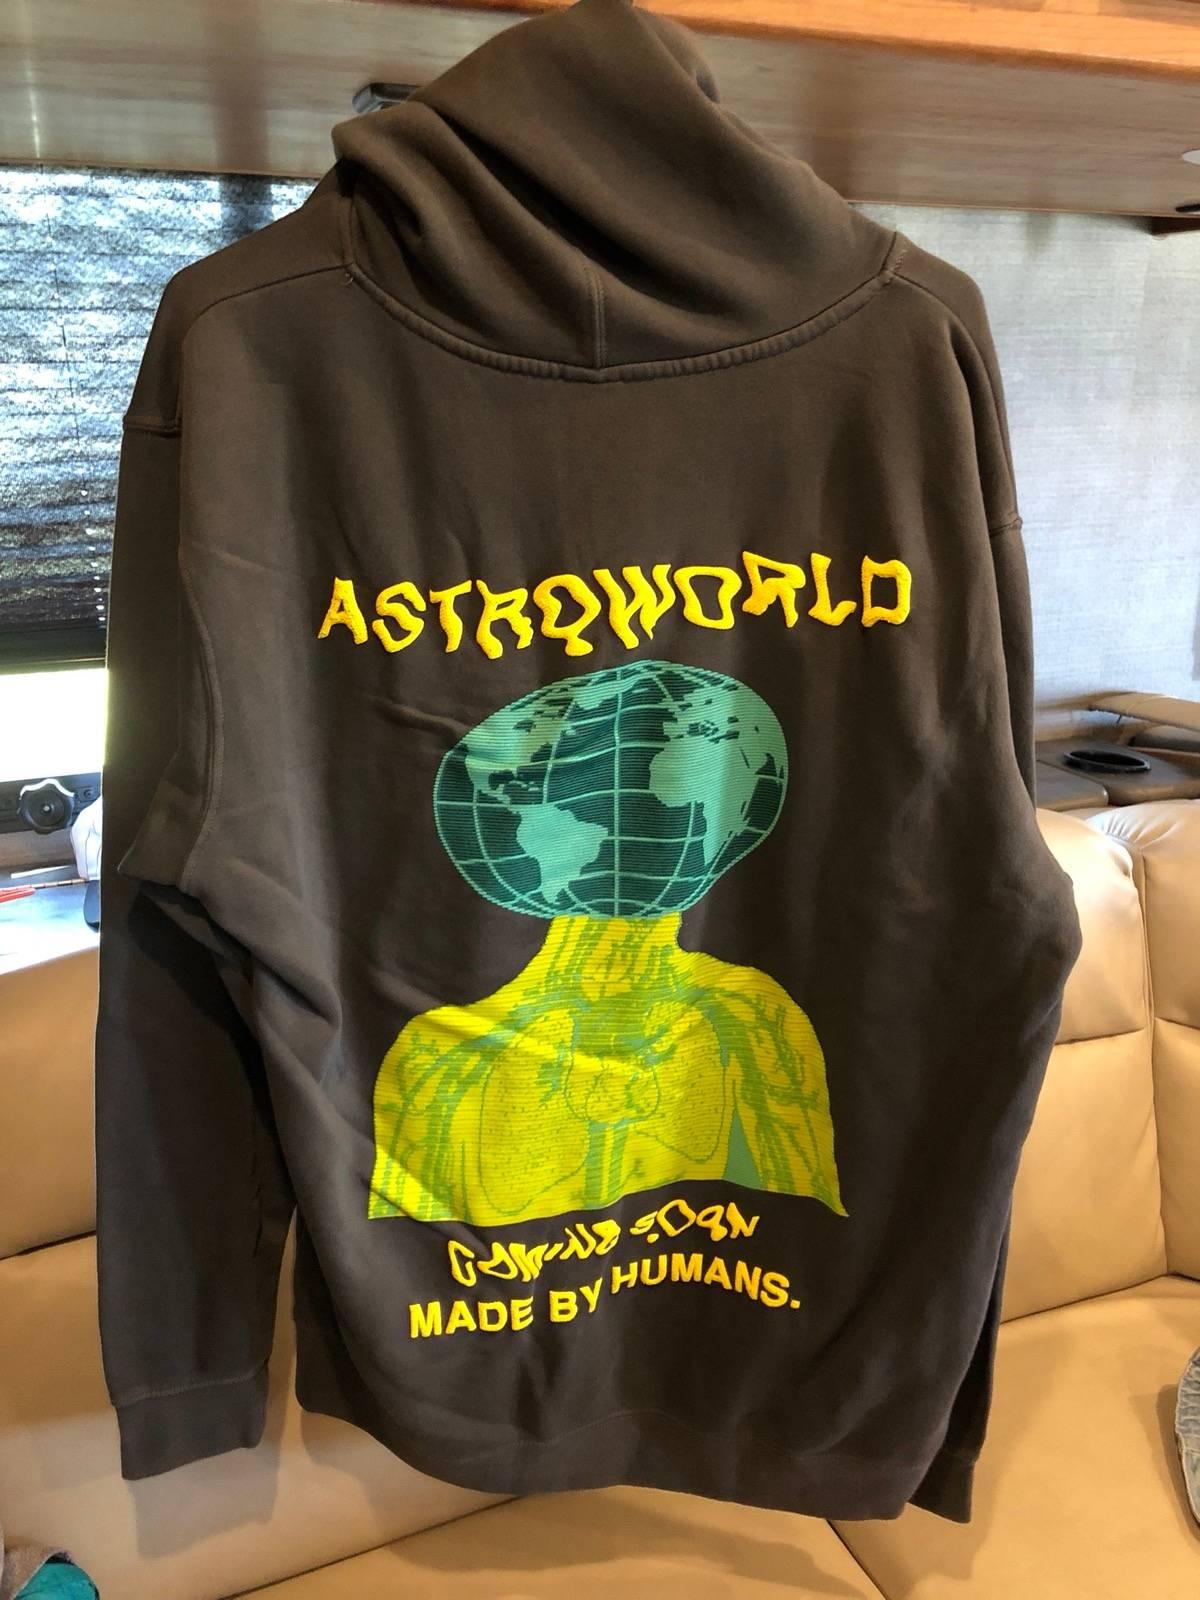 695660e37173 Travis Scott Travis Scott Cactus Jack Astroworld Hoodie   Grailed